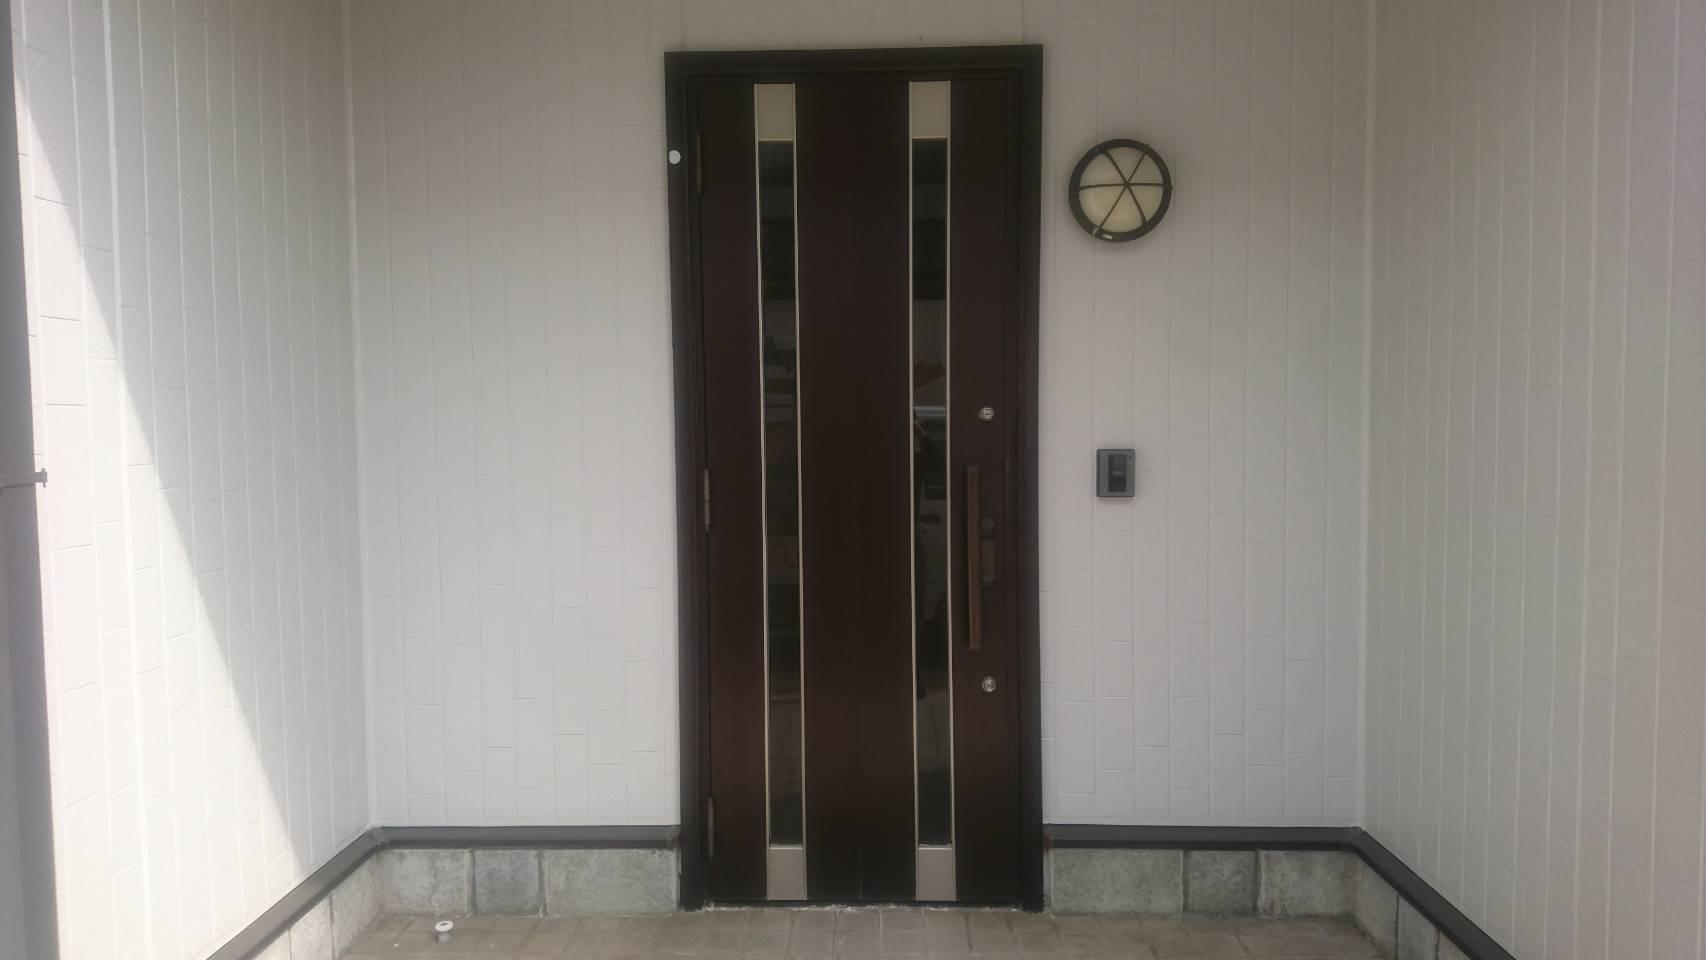 シーエス建材トーヨー住器の玄関ドア リシェント 交換工事の施工前の写真1